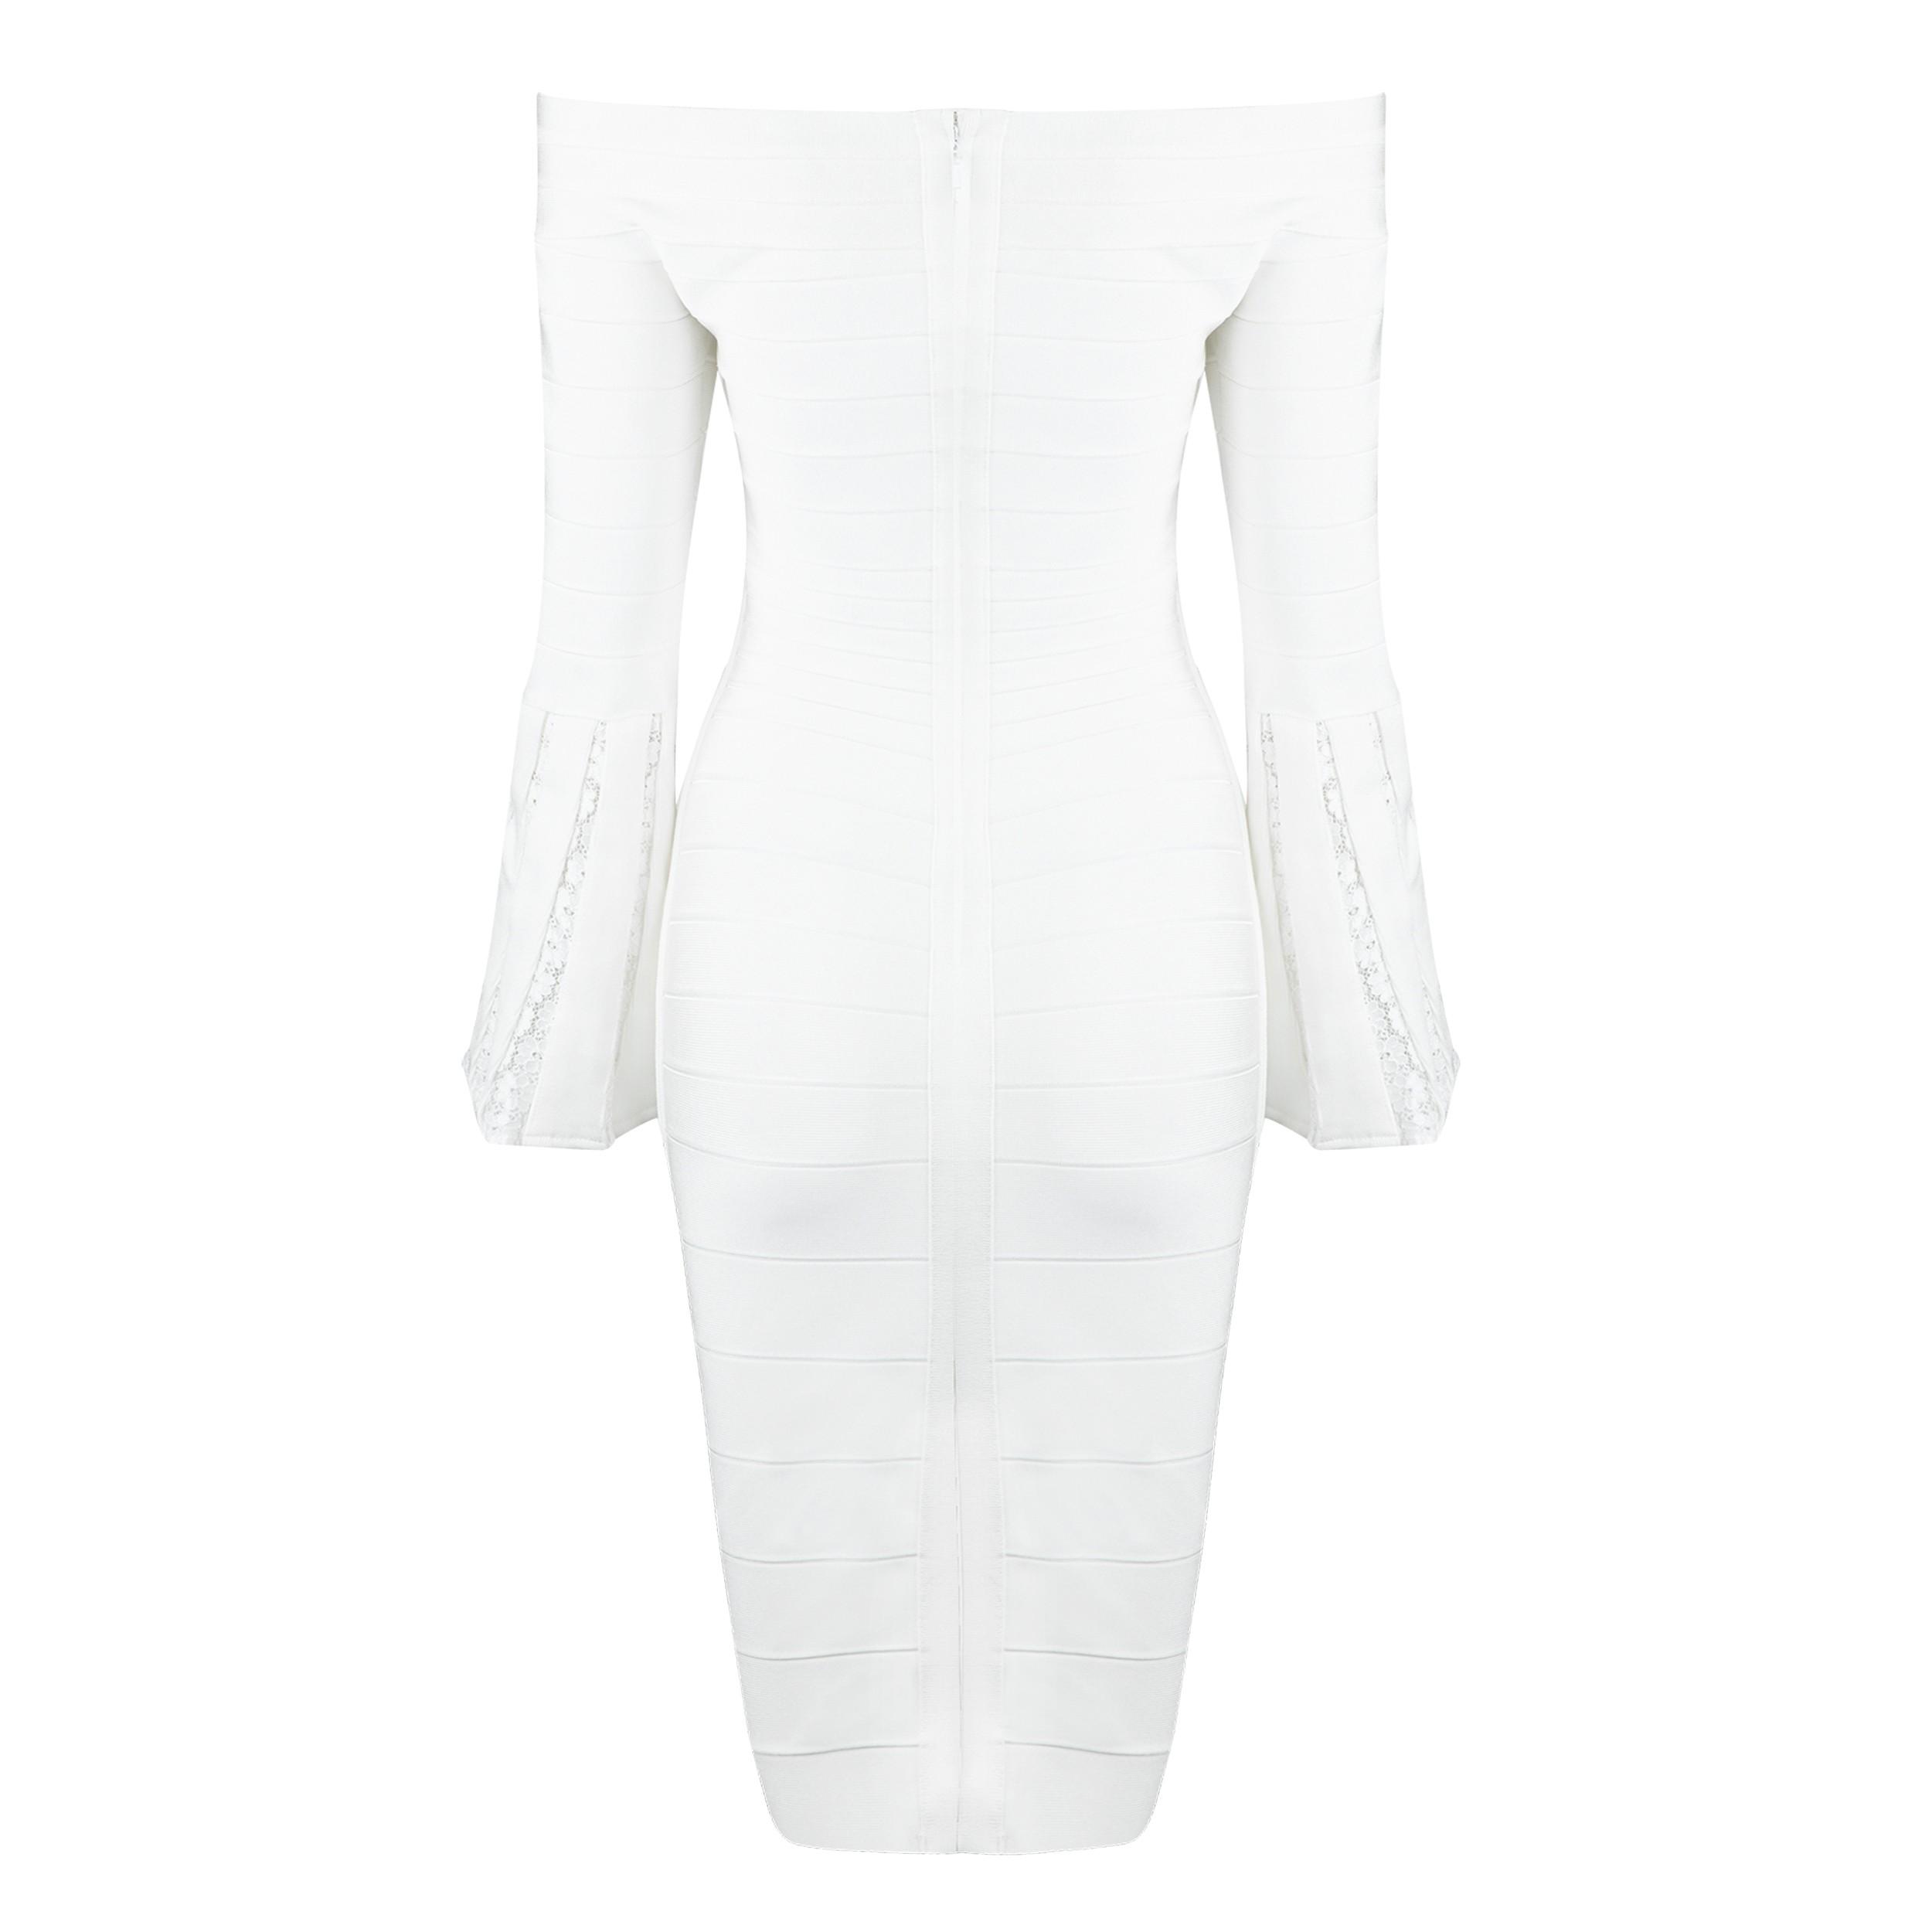 White Off Shoulder Long Sleeve Knee Length Pagoda Sleeve Lace Embellished Leisure Bandage Dress HB5335-White